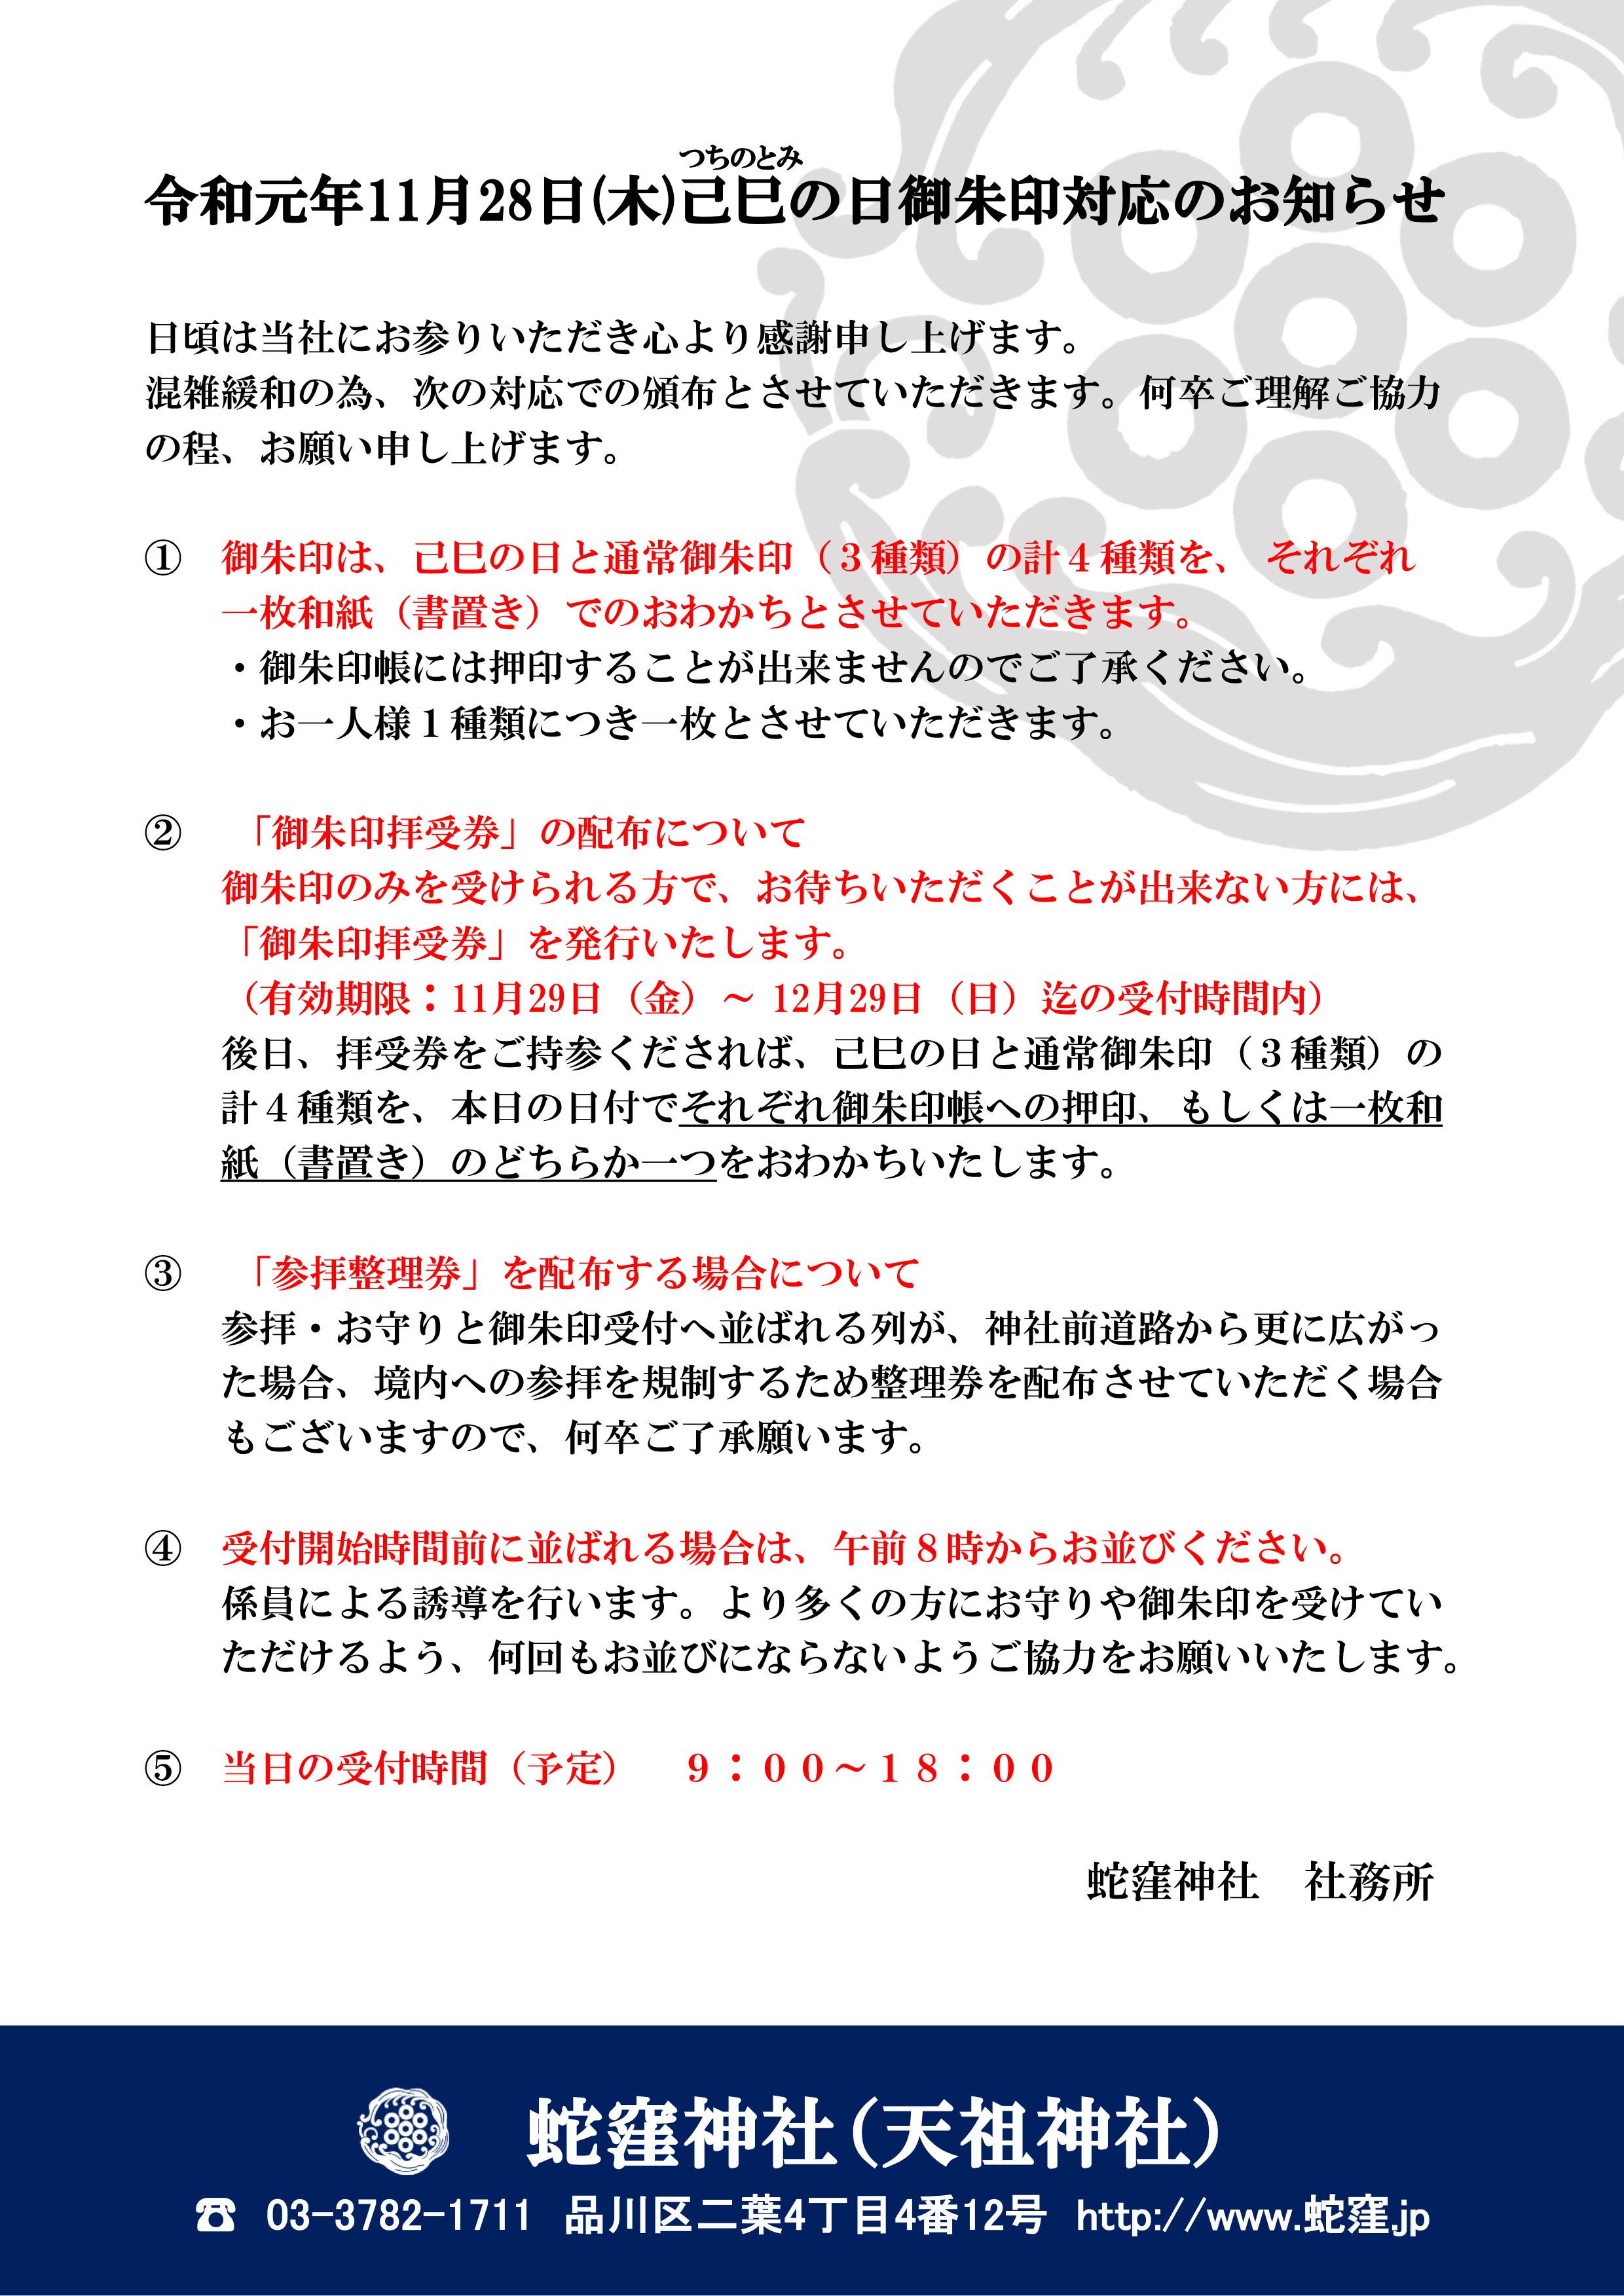 令和元年11月28日(木)己巳の日御朱印対応のお知らせ